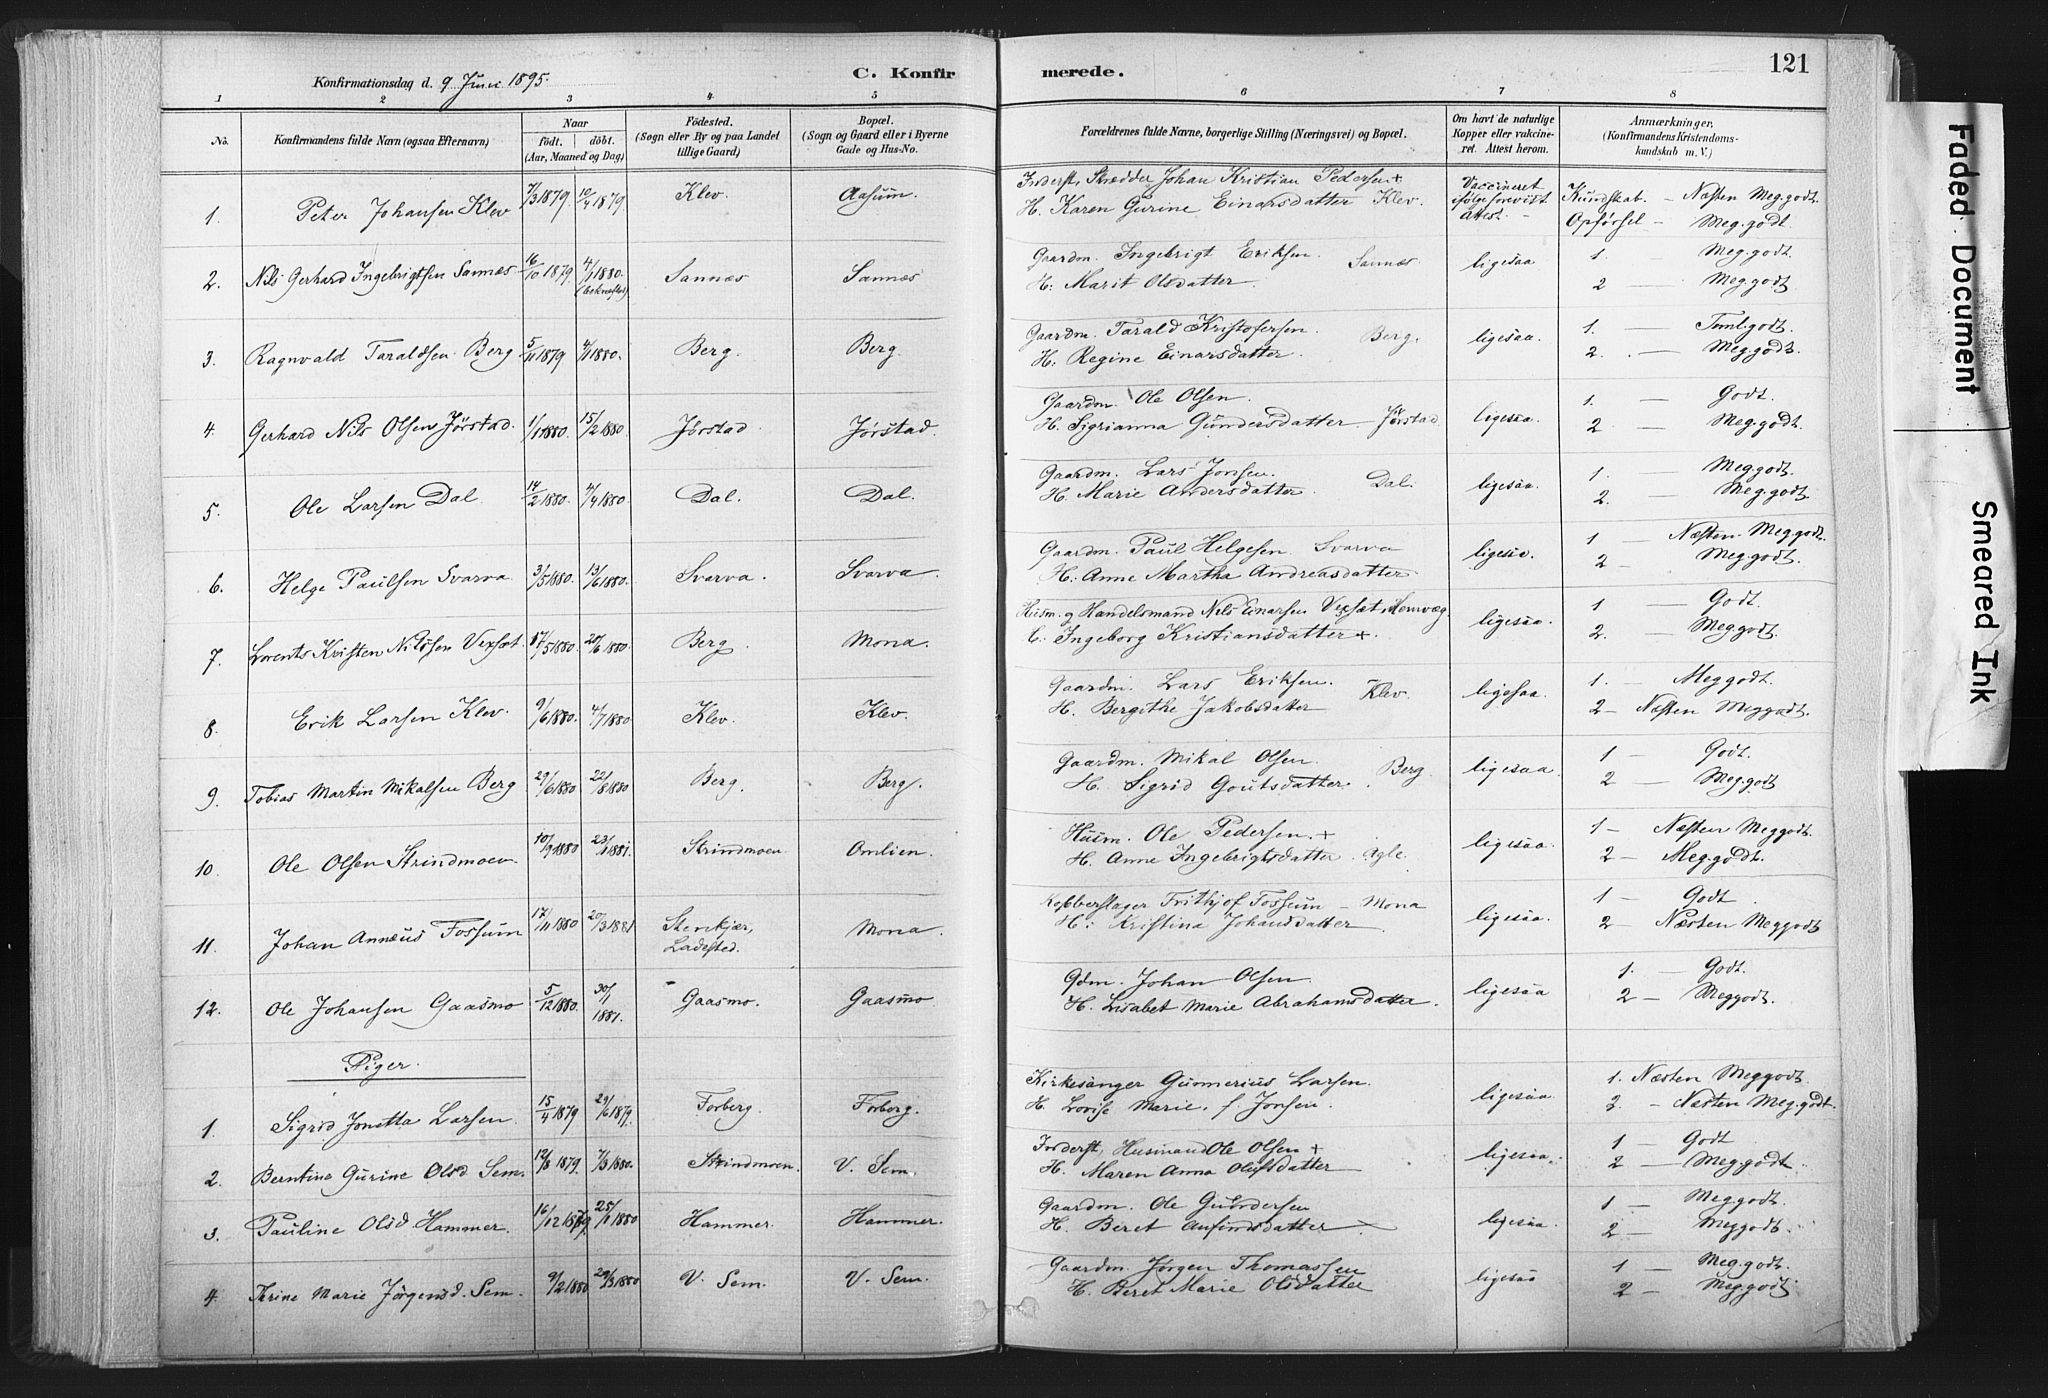 SAT, Ministerialprotokoller, klokkerbøker og fødselsregistre - Nord-Trøndelag, 749/L0474: Ministerialbok nr. 749A08, 1887-1903, s. 121